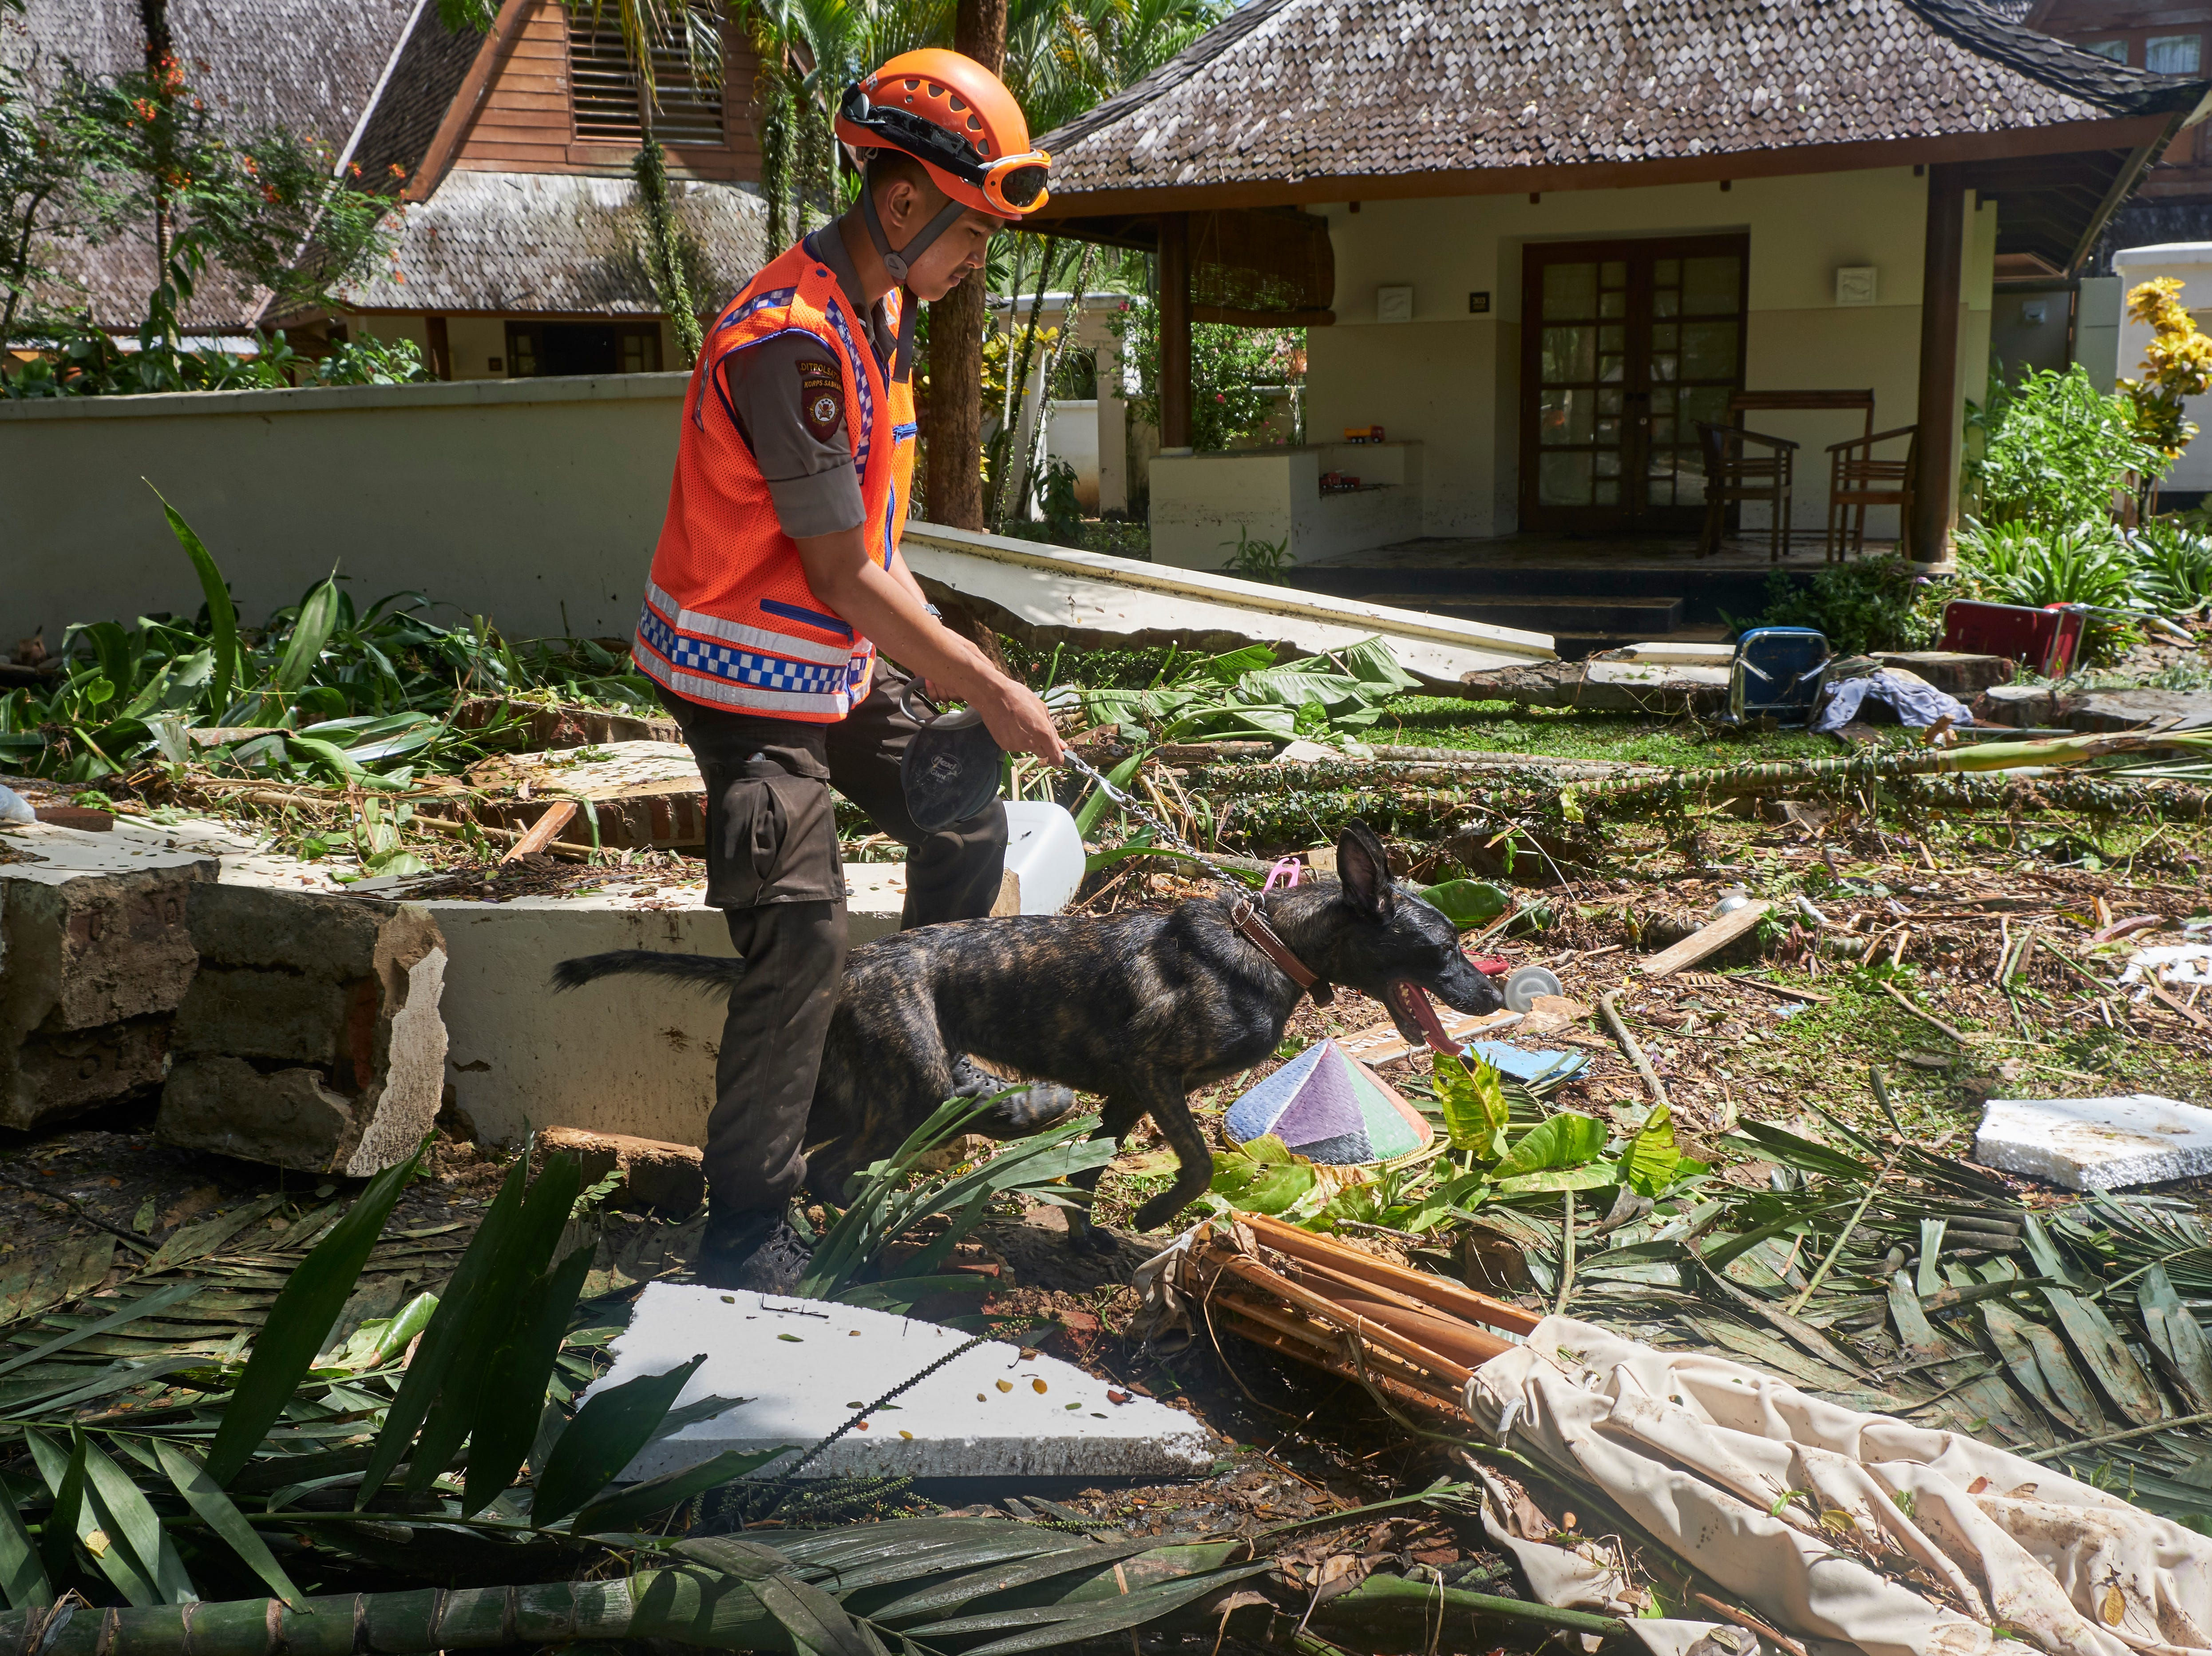 El 24 de diciembre de 2018 en Tanjung Lesung, Indonesia, un rescatista y su K-9 en villas destruidas durante una búsqueda de víctimas del tsunami en un hotel resort. Según informes, más de 220 personas murieron luego de que un tsunami provocado por un volcán azotara las costas del estrecho de Sunda en Indonesia el sábado por la noche e hirió a más de 600 personas.